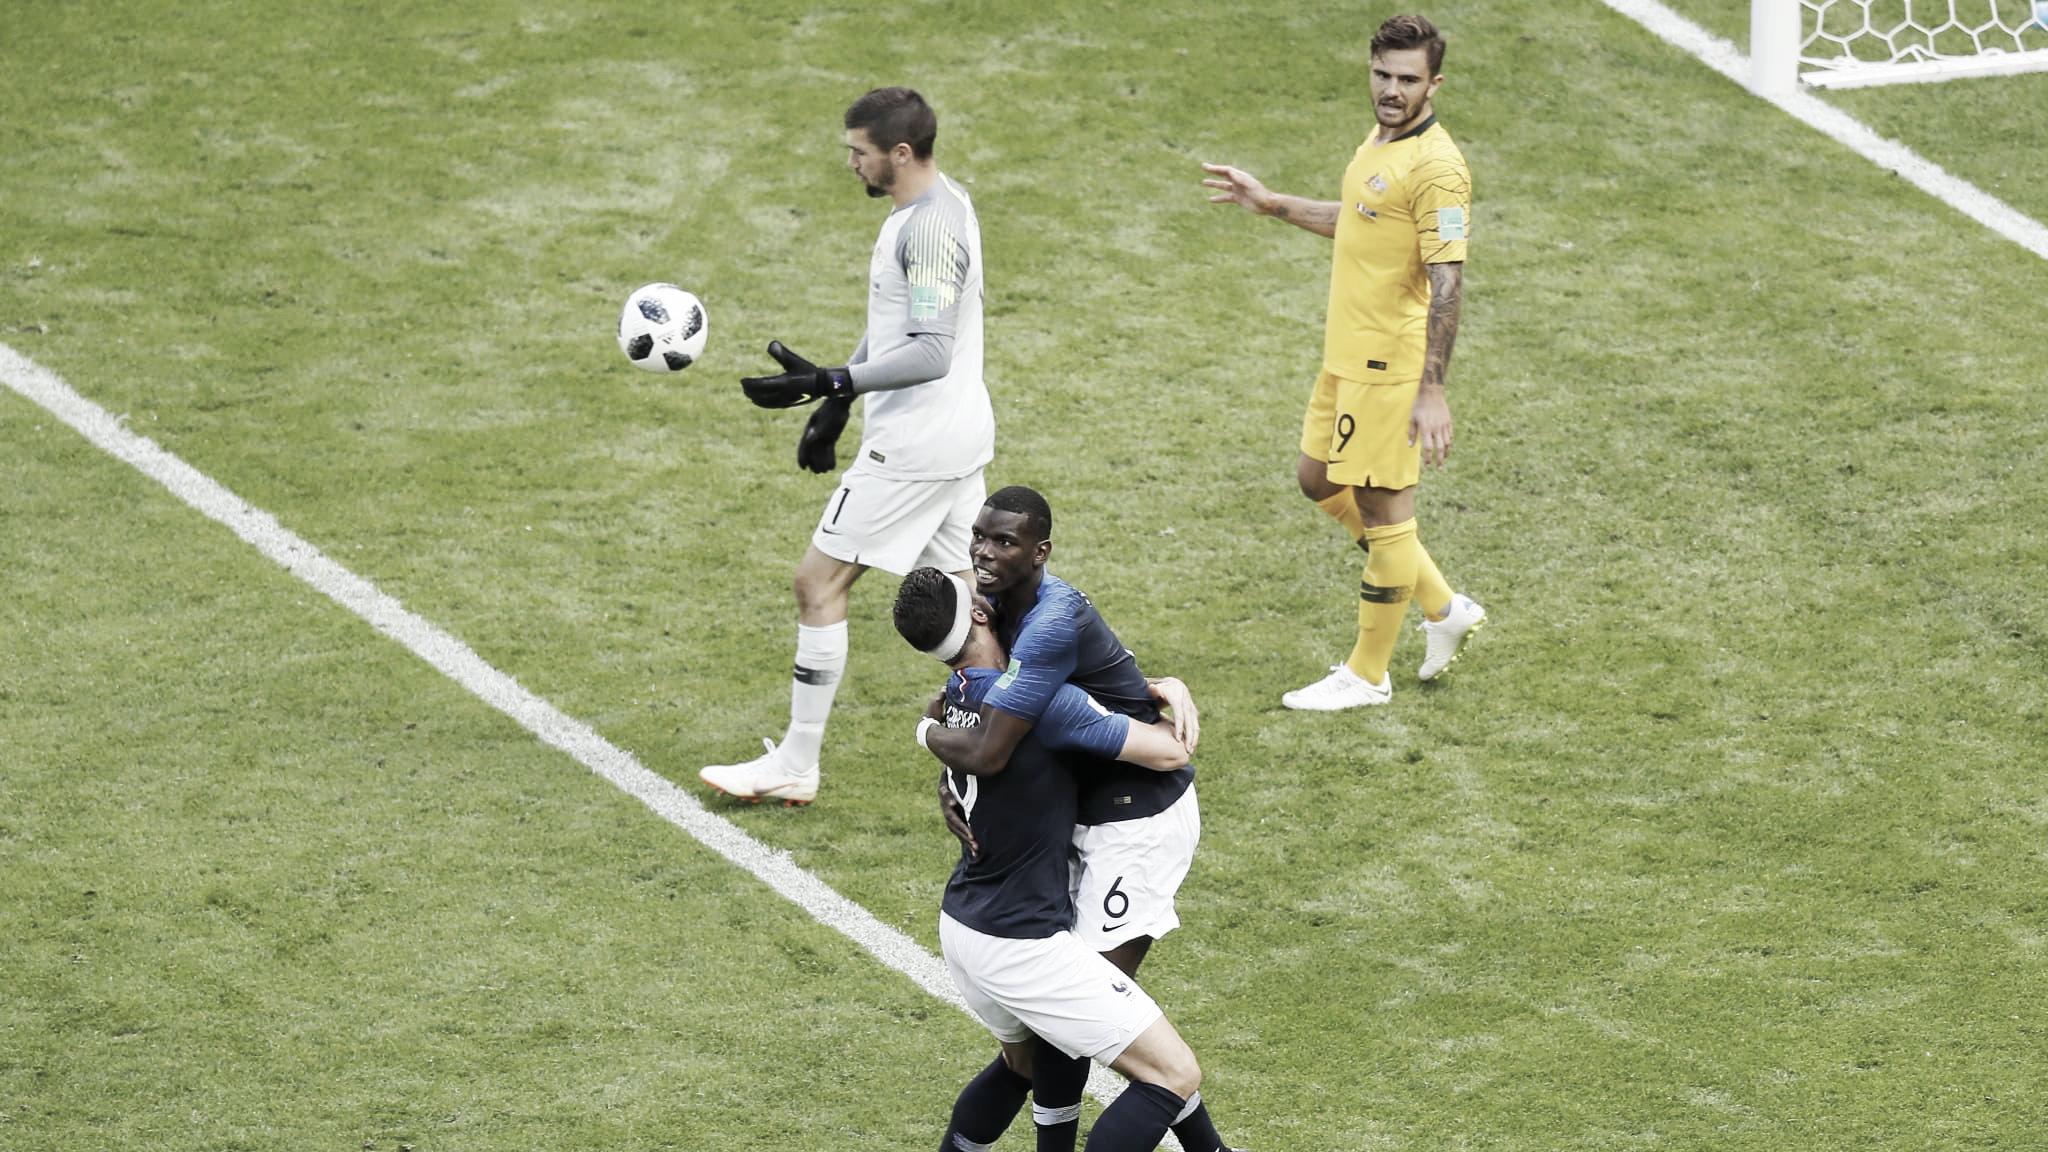 Piala Dunia Ujian Kedewasaan Paul Pogba Berita Manchester